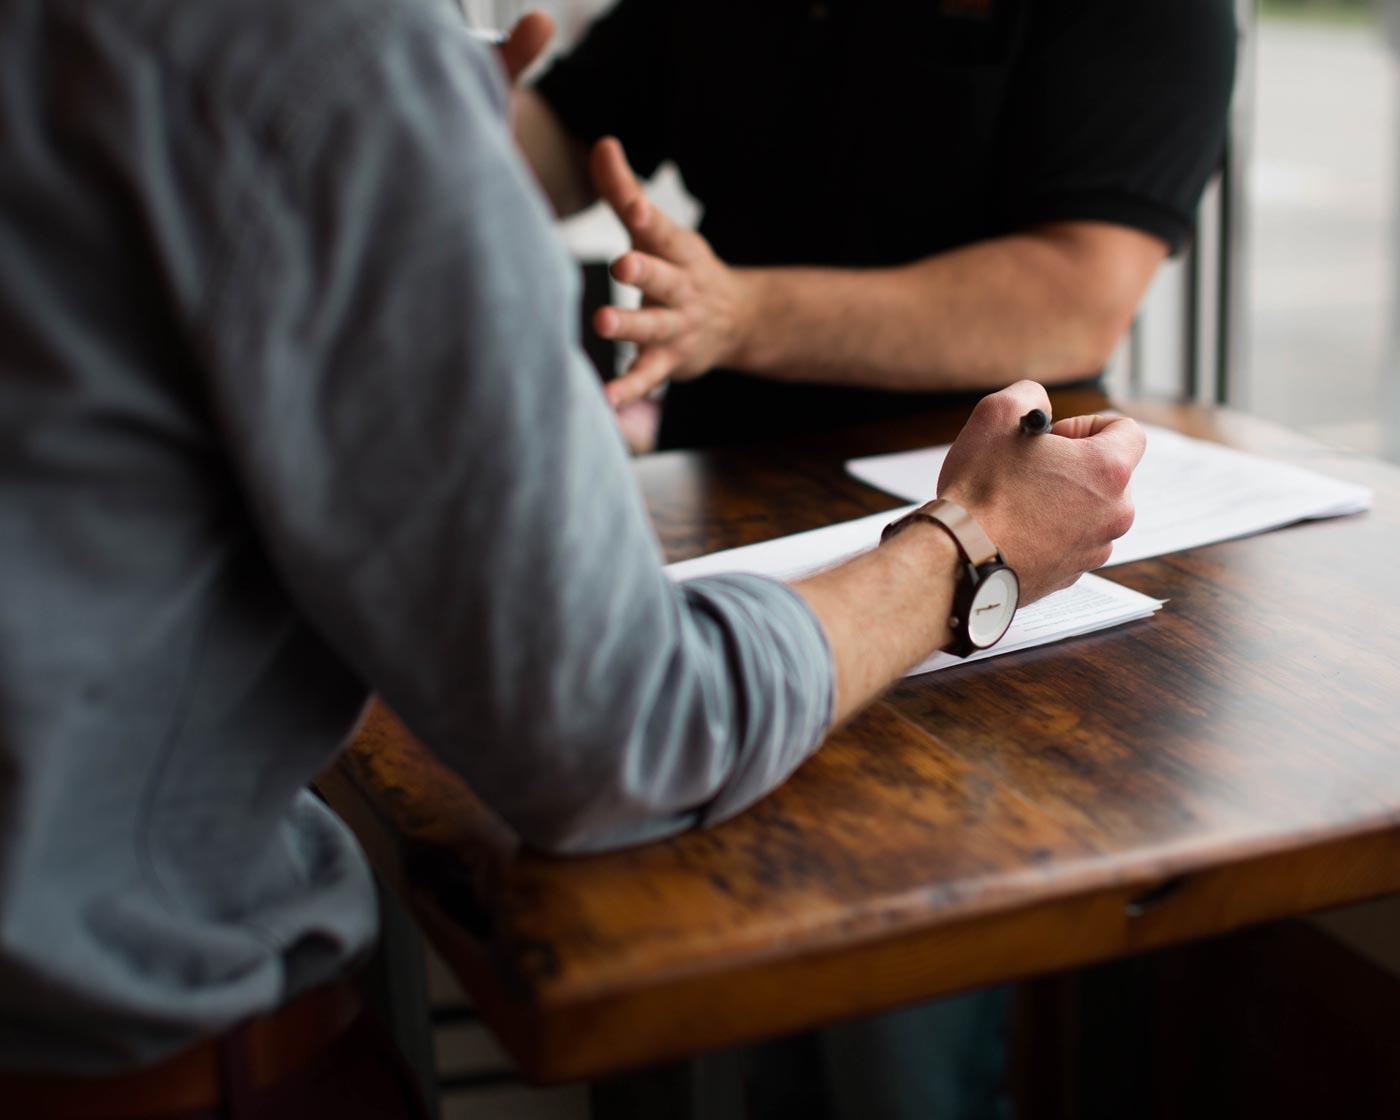 Dos personas hablando en una reunión tomando notas